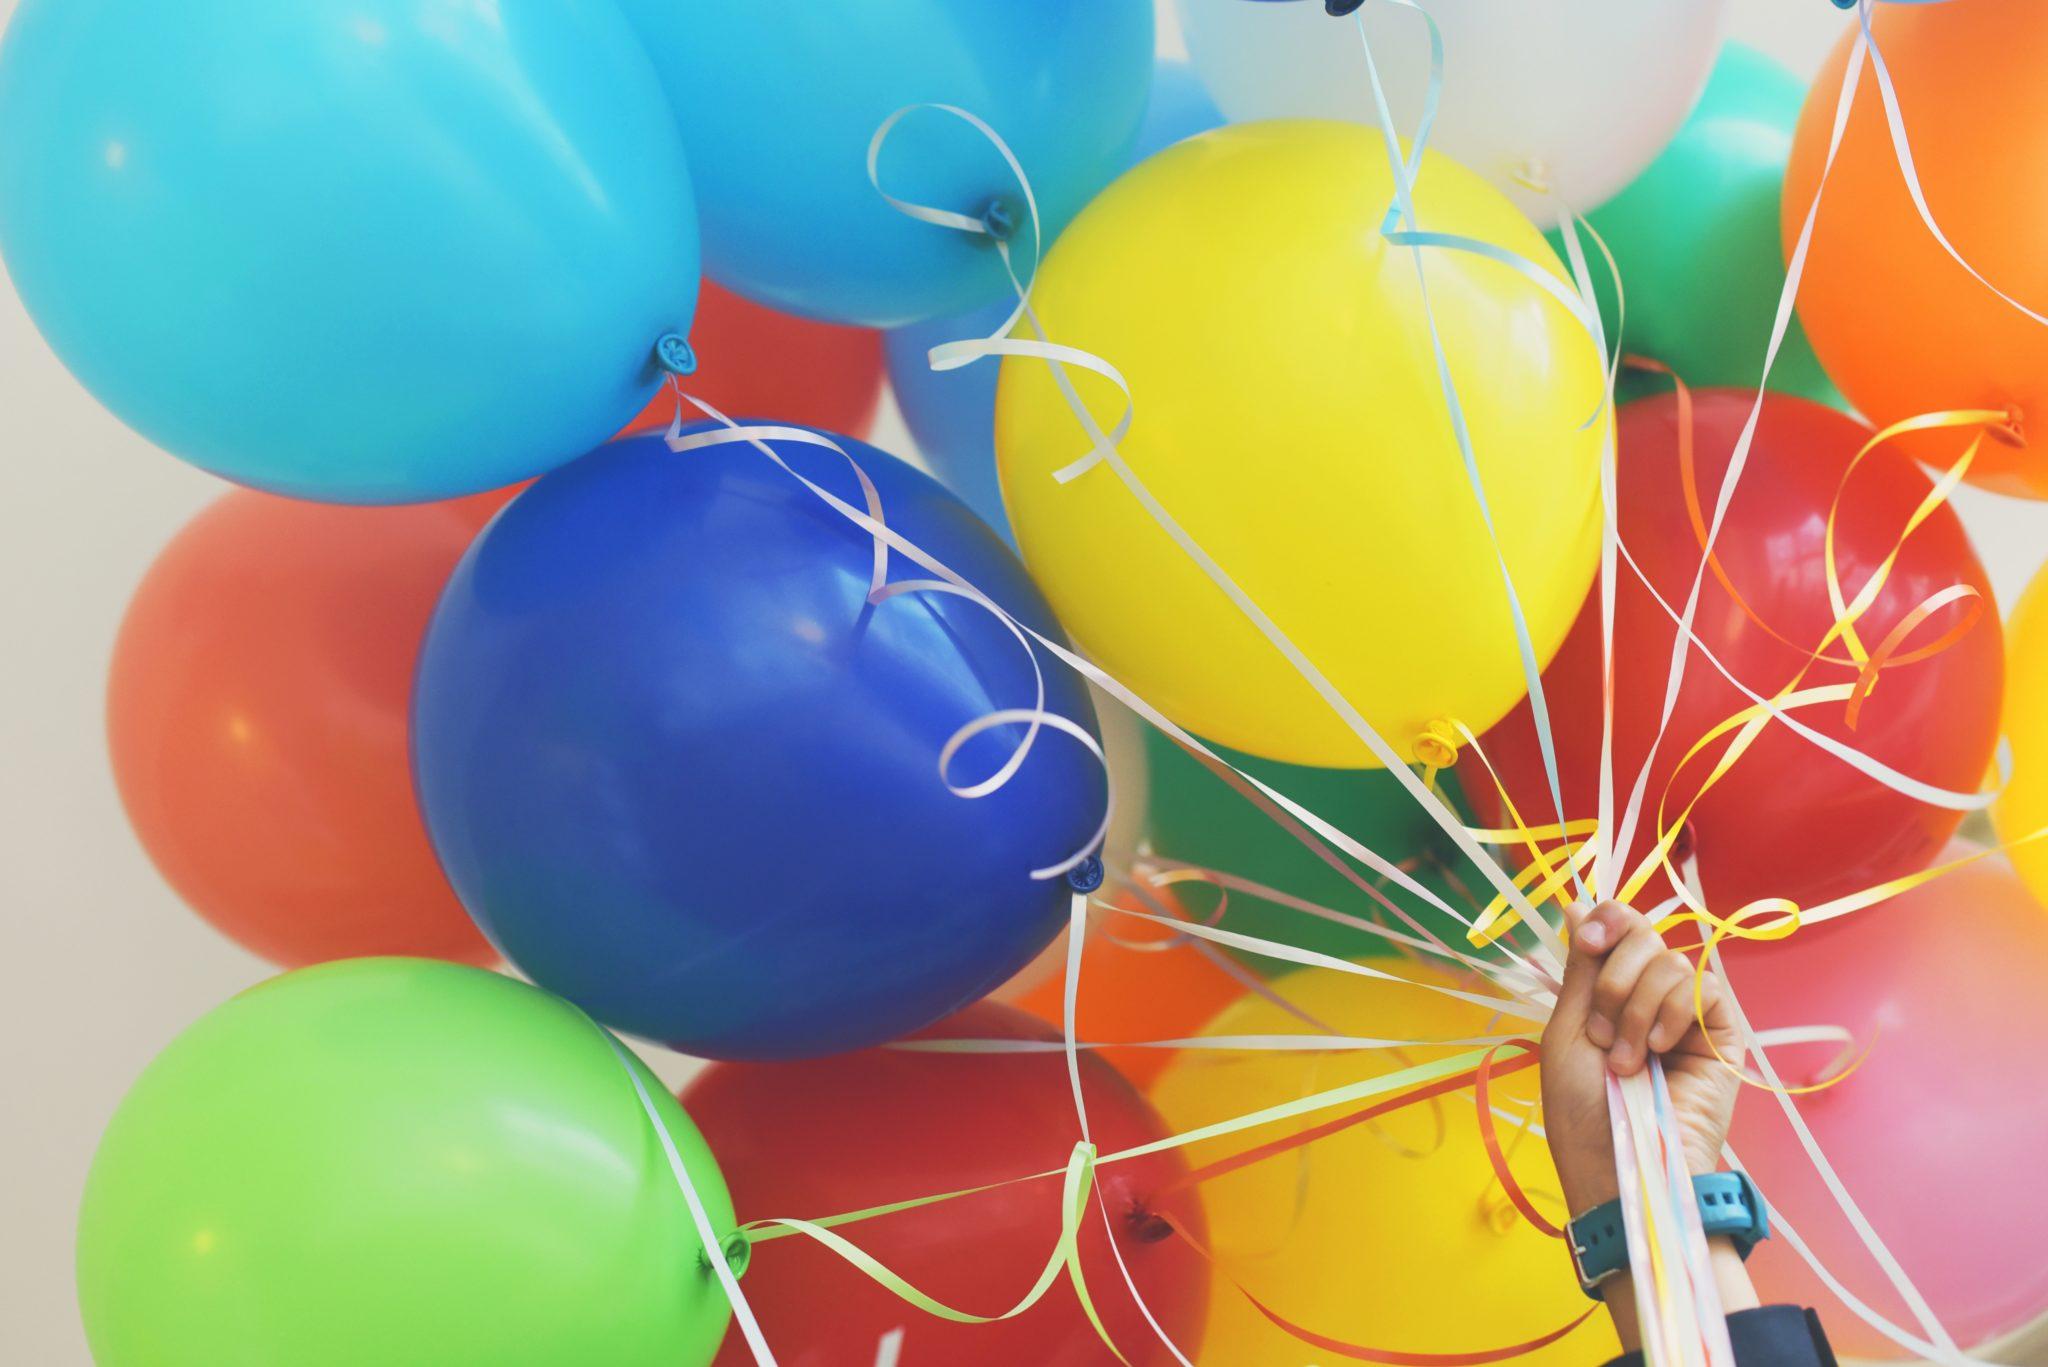 Eine Hand hält viele bunte Luftballons